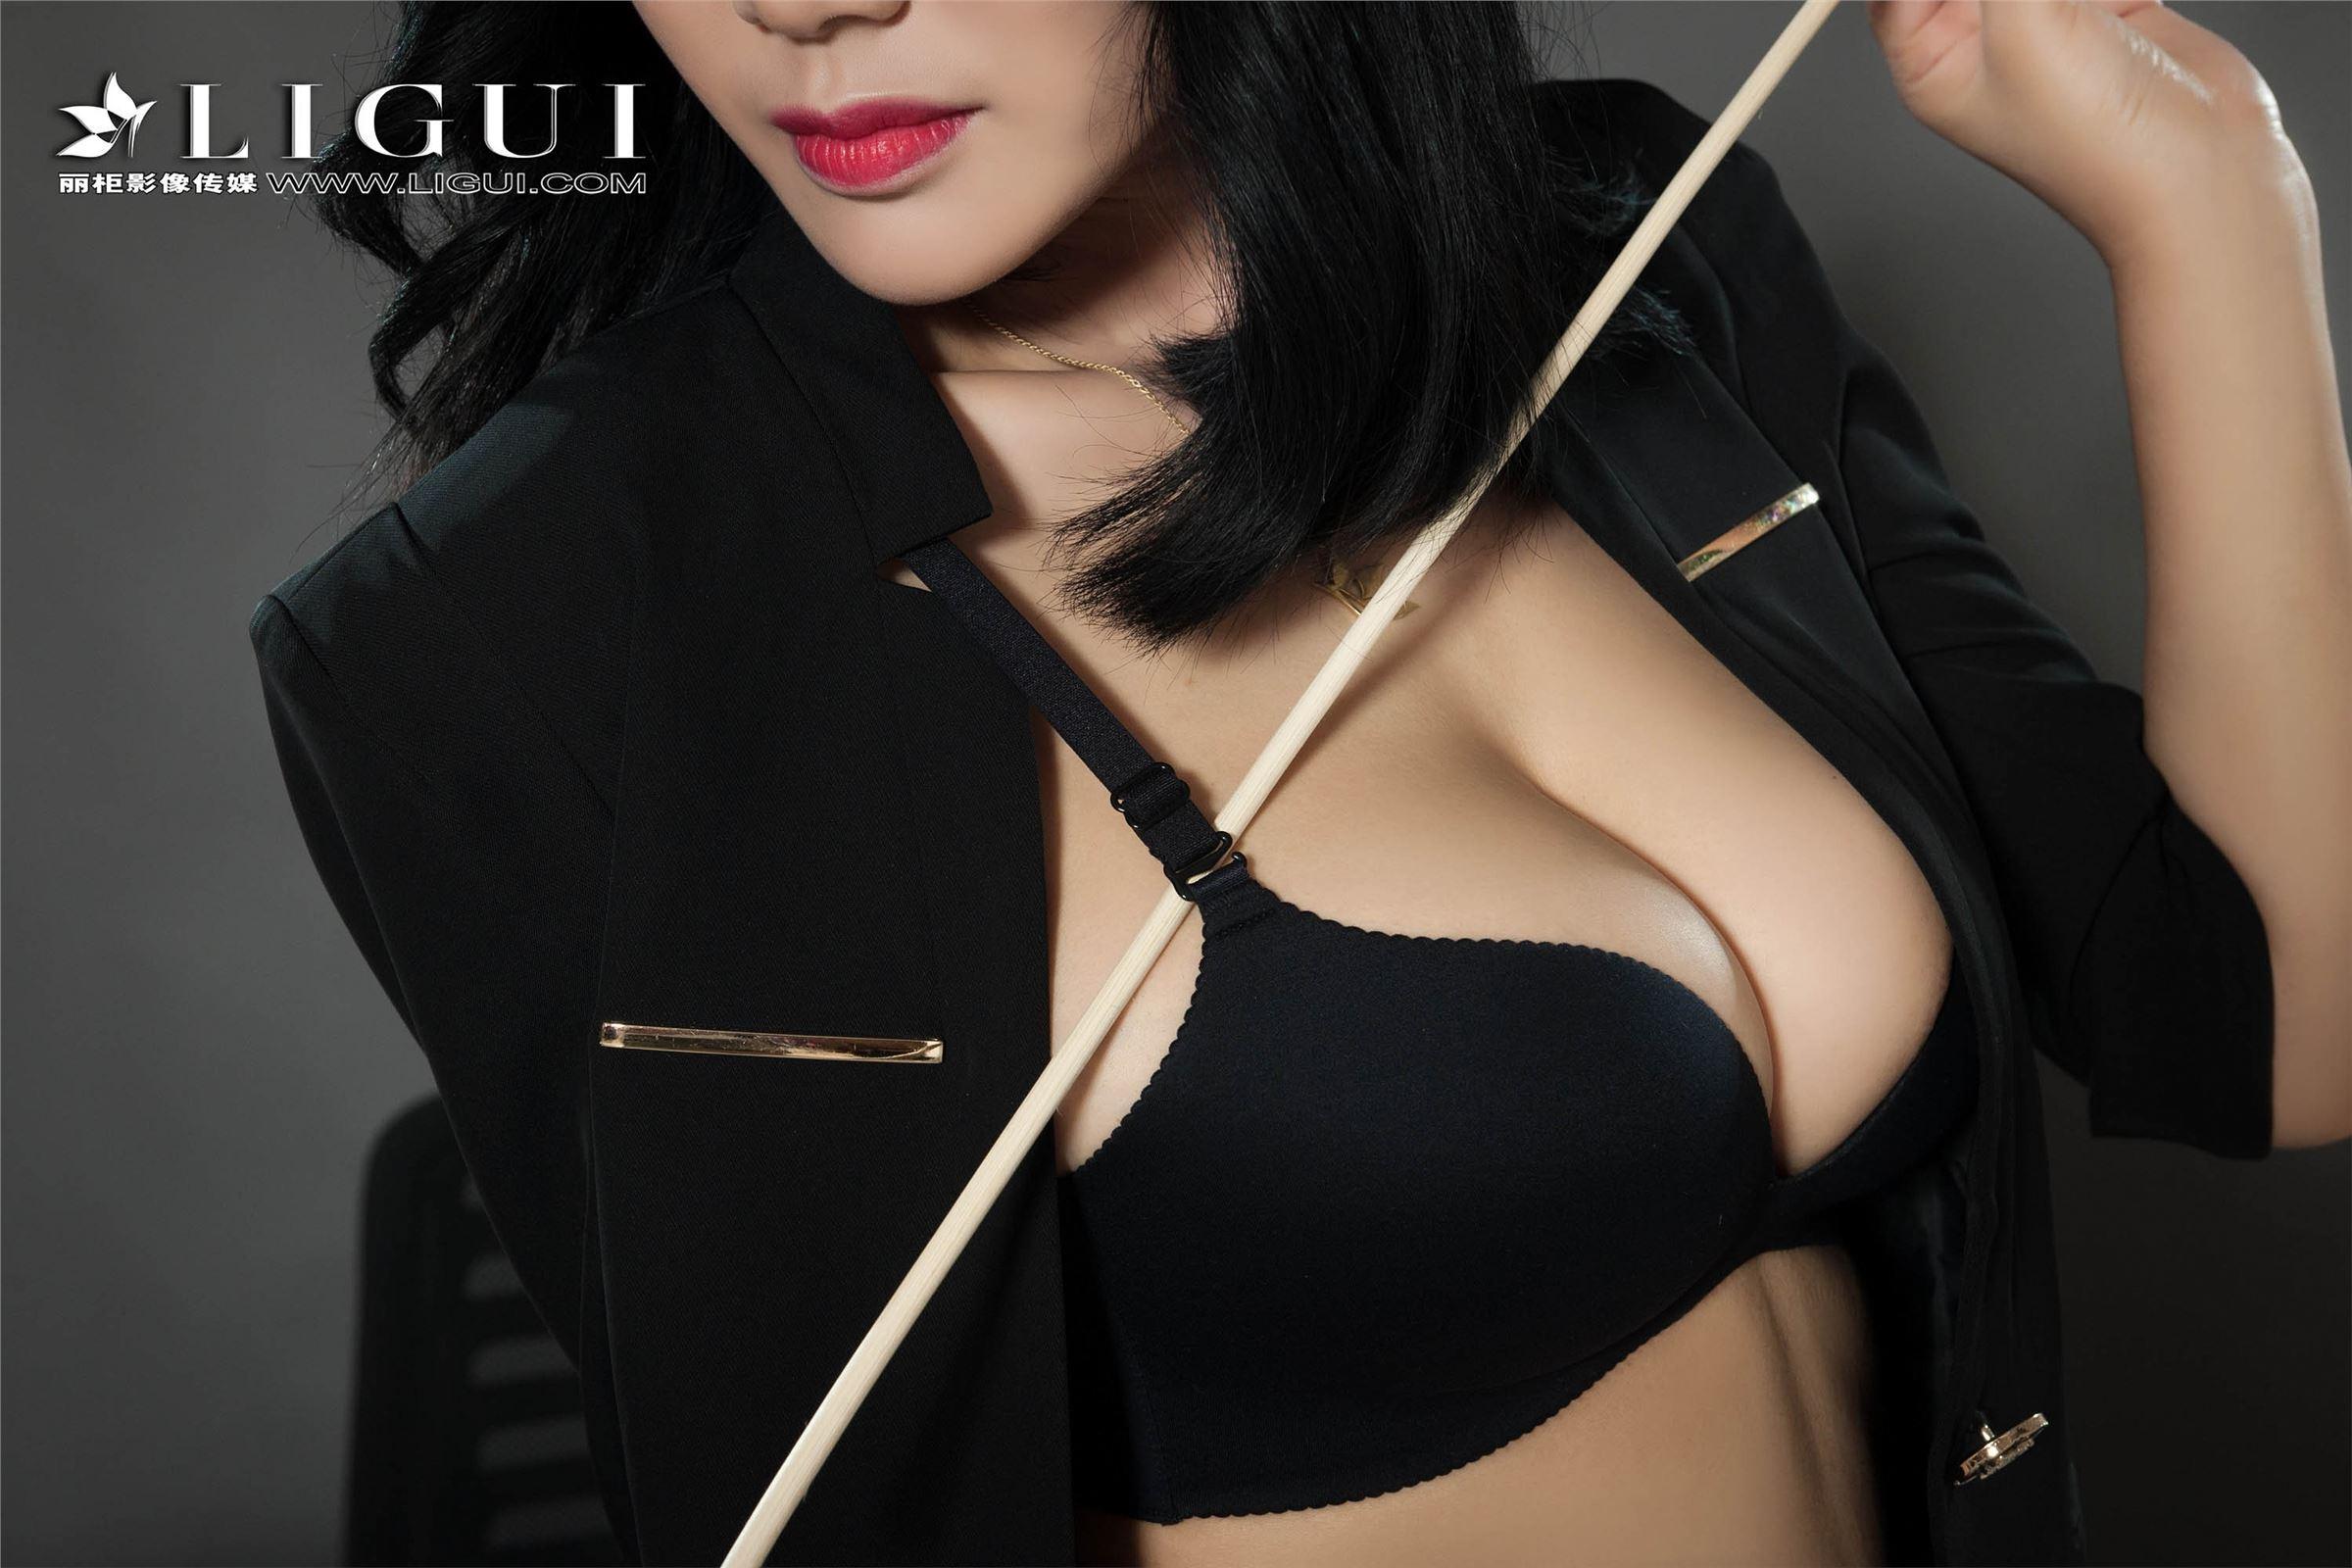 Ligui丽柜 网络丽人 2018.10.16 Model 陈宸